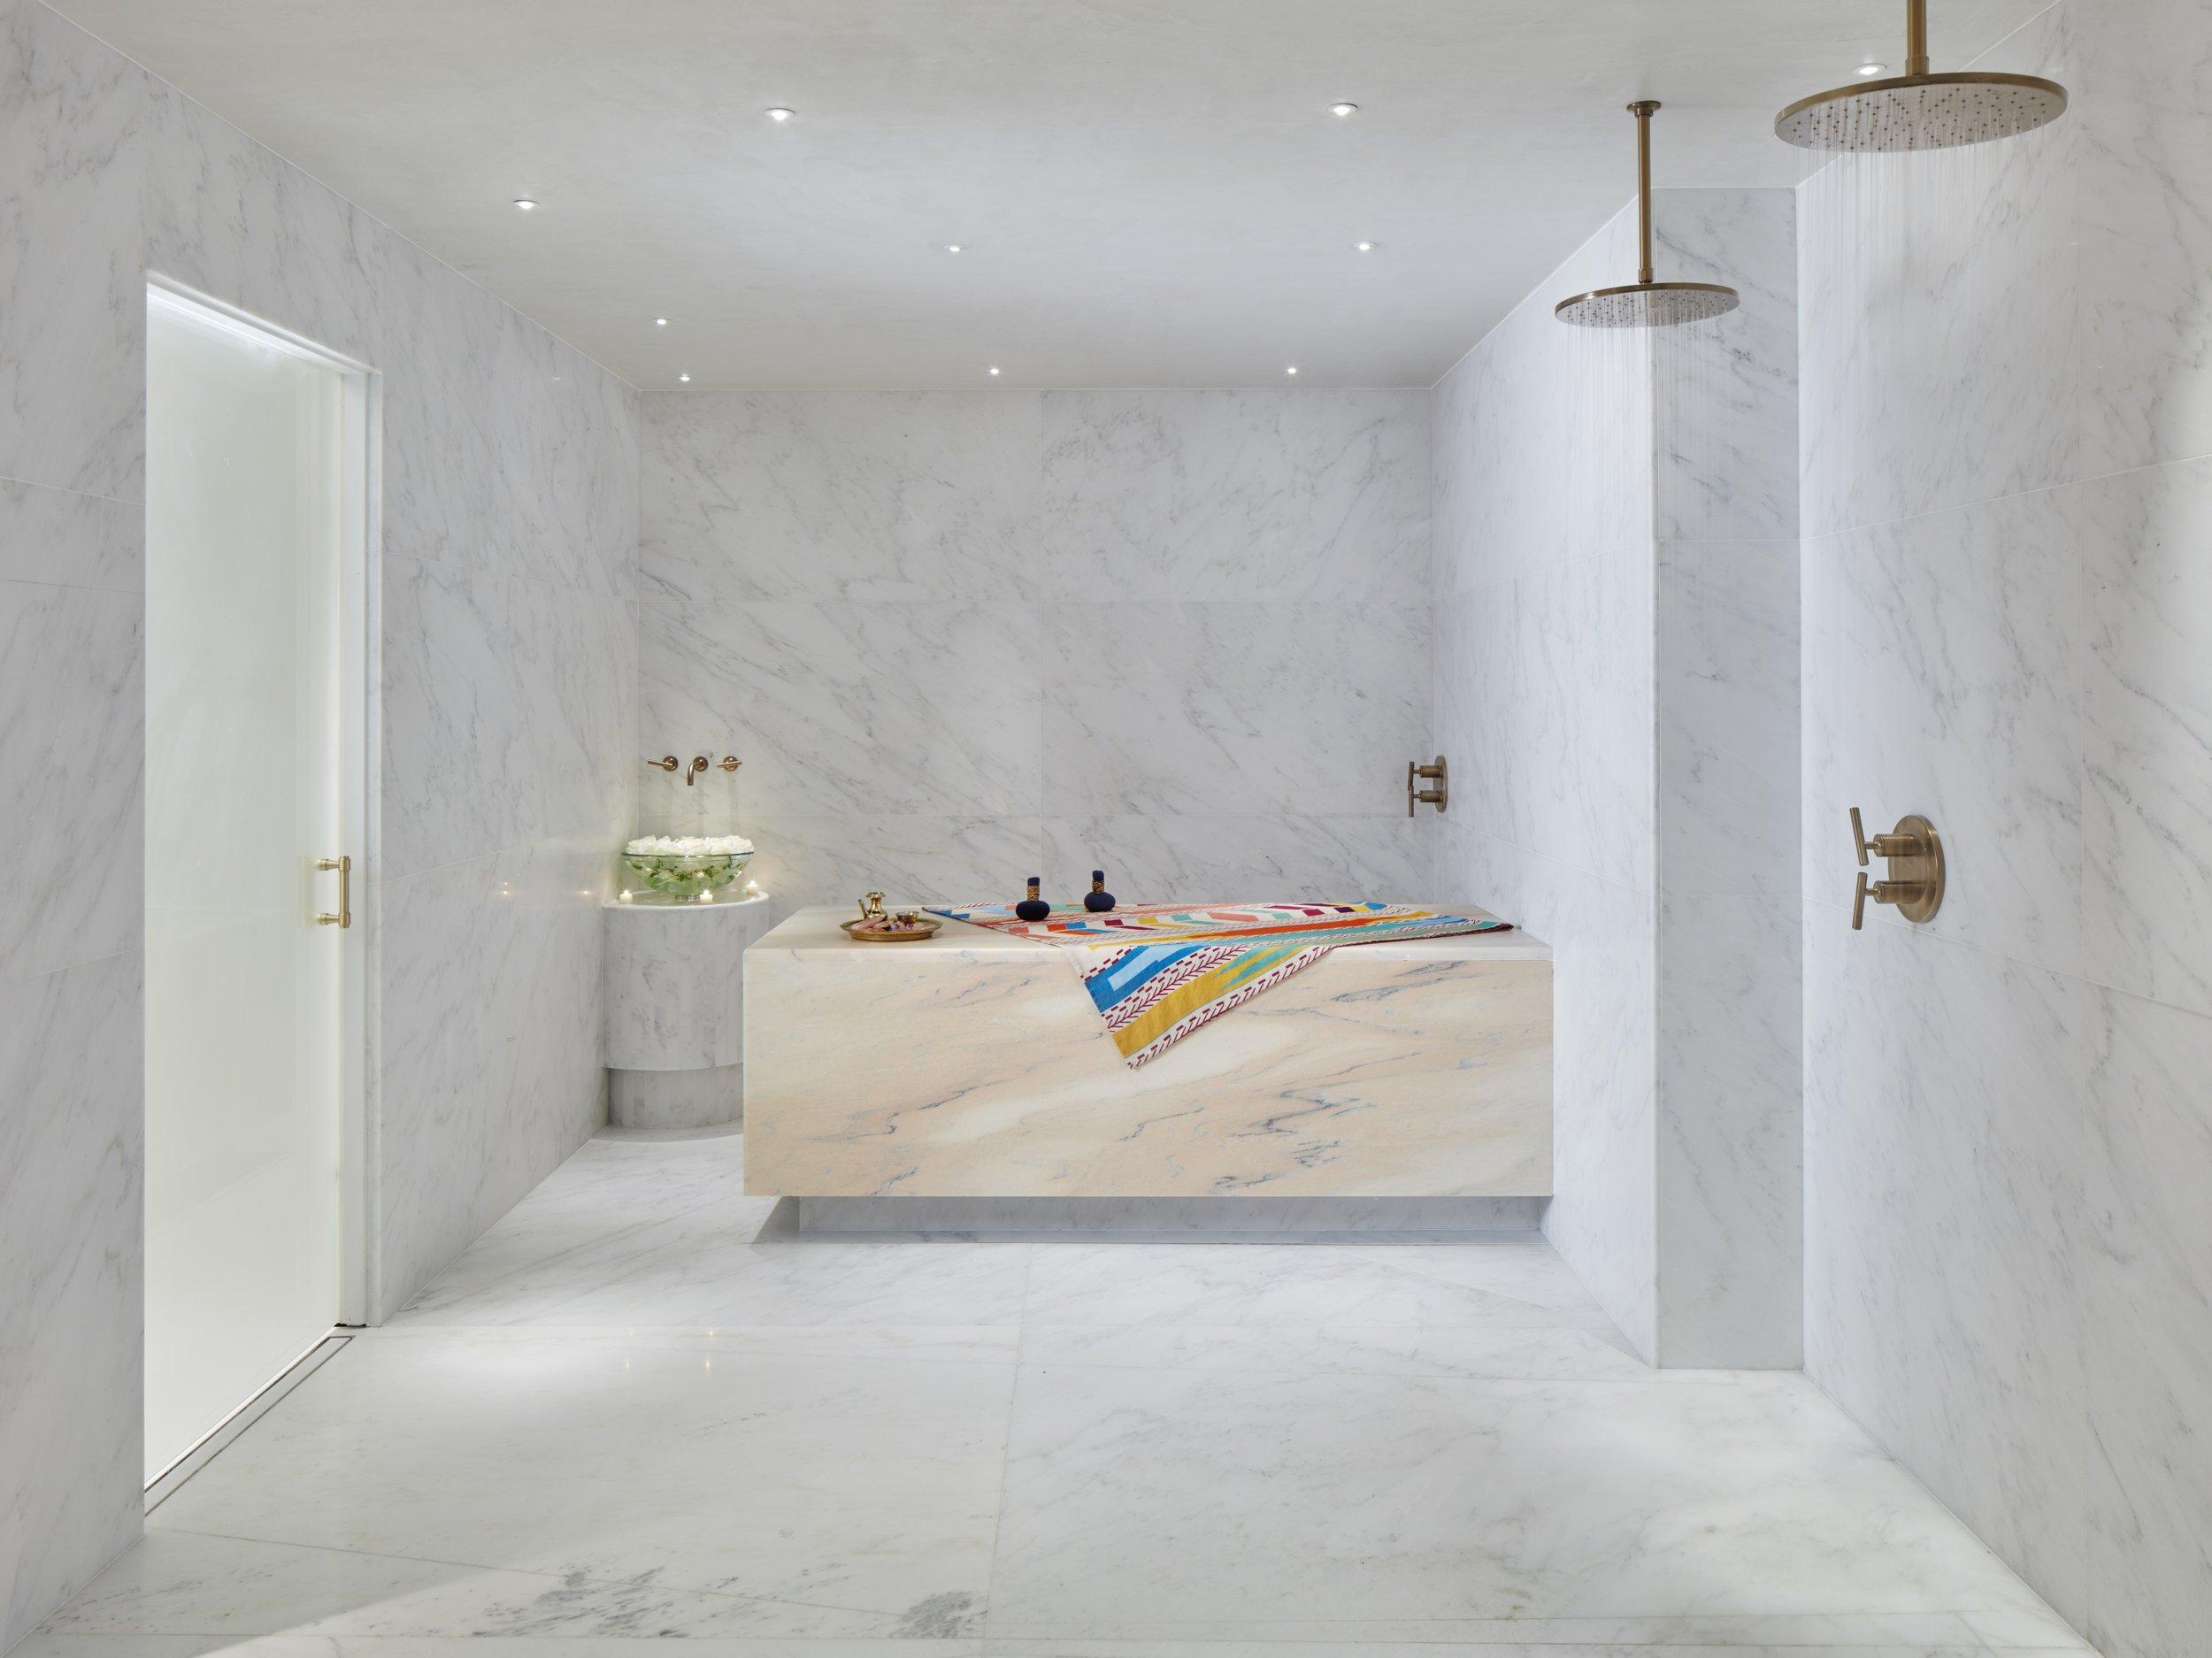 Tierra Santa_Scrub Room_Photo by Nik Koenig.jpg